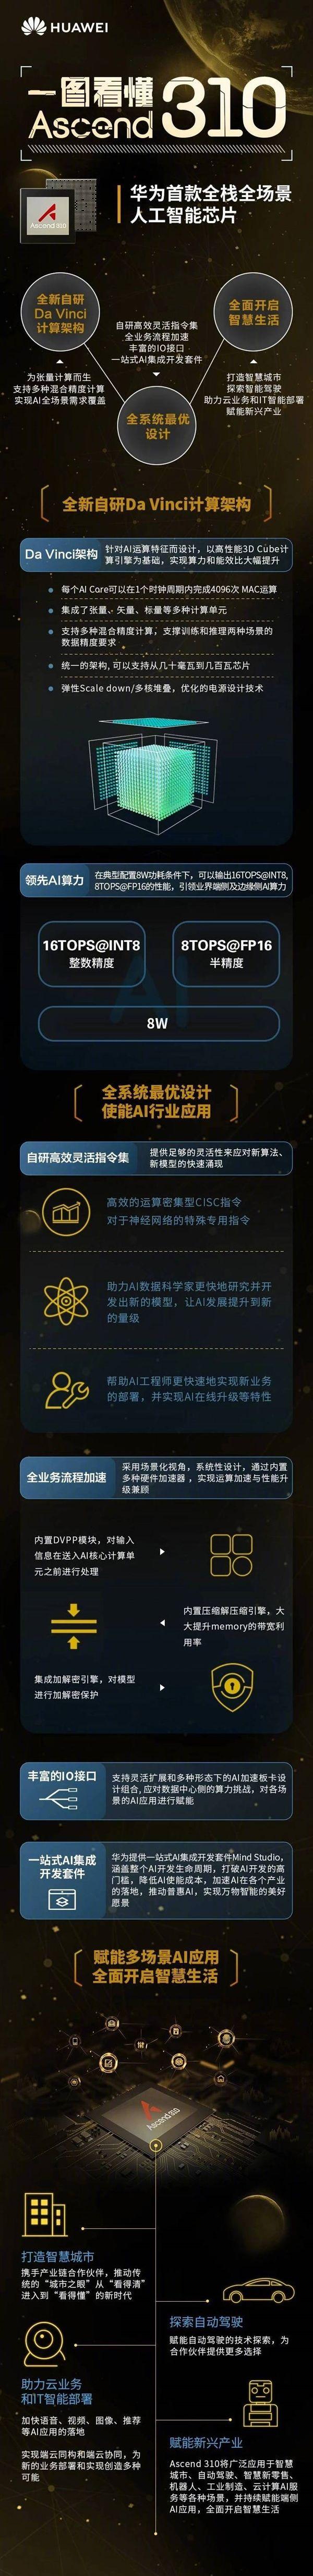 华为详解昇腾AI芯片:自研达芬奇架构 算力和能效比大幅提升